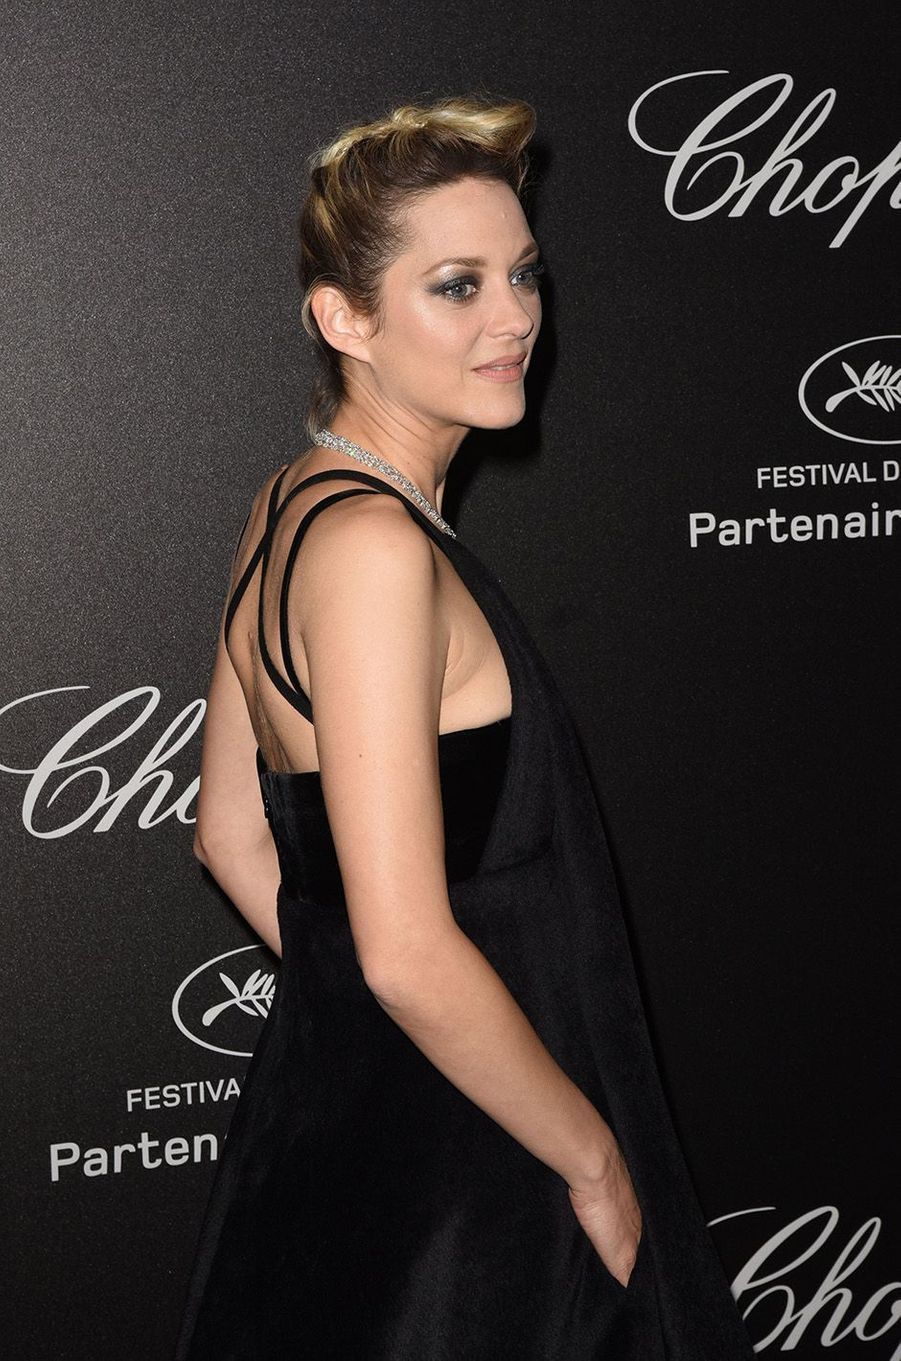 Marion Cotillard à la soirée Chopard à Cannes, le 11 mai 2018.